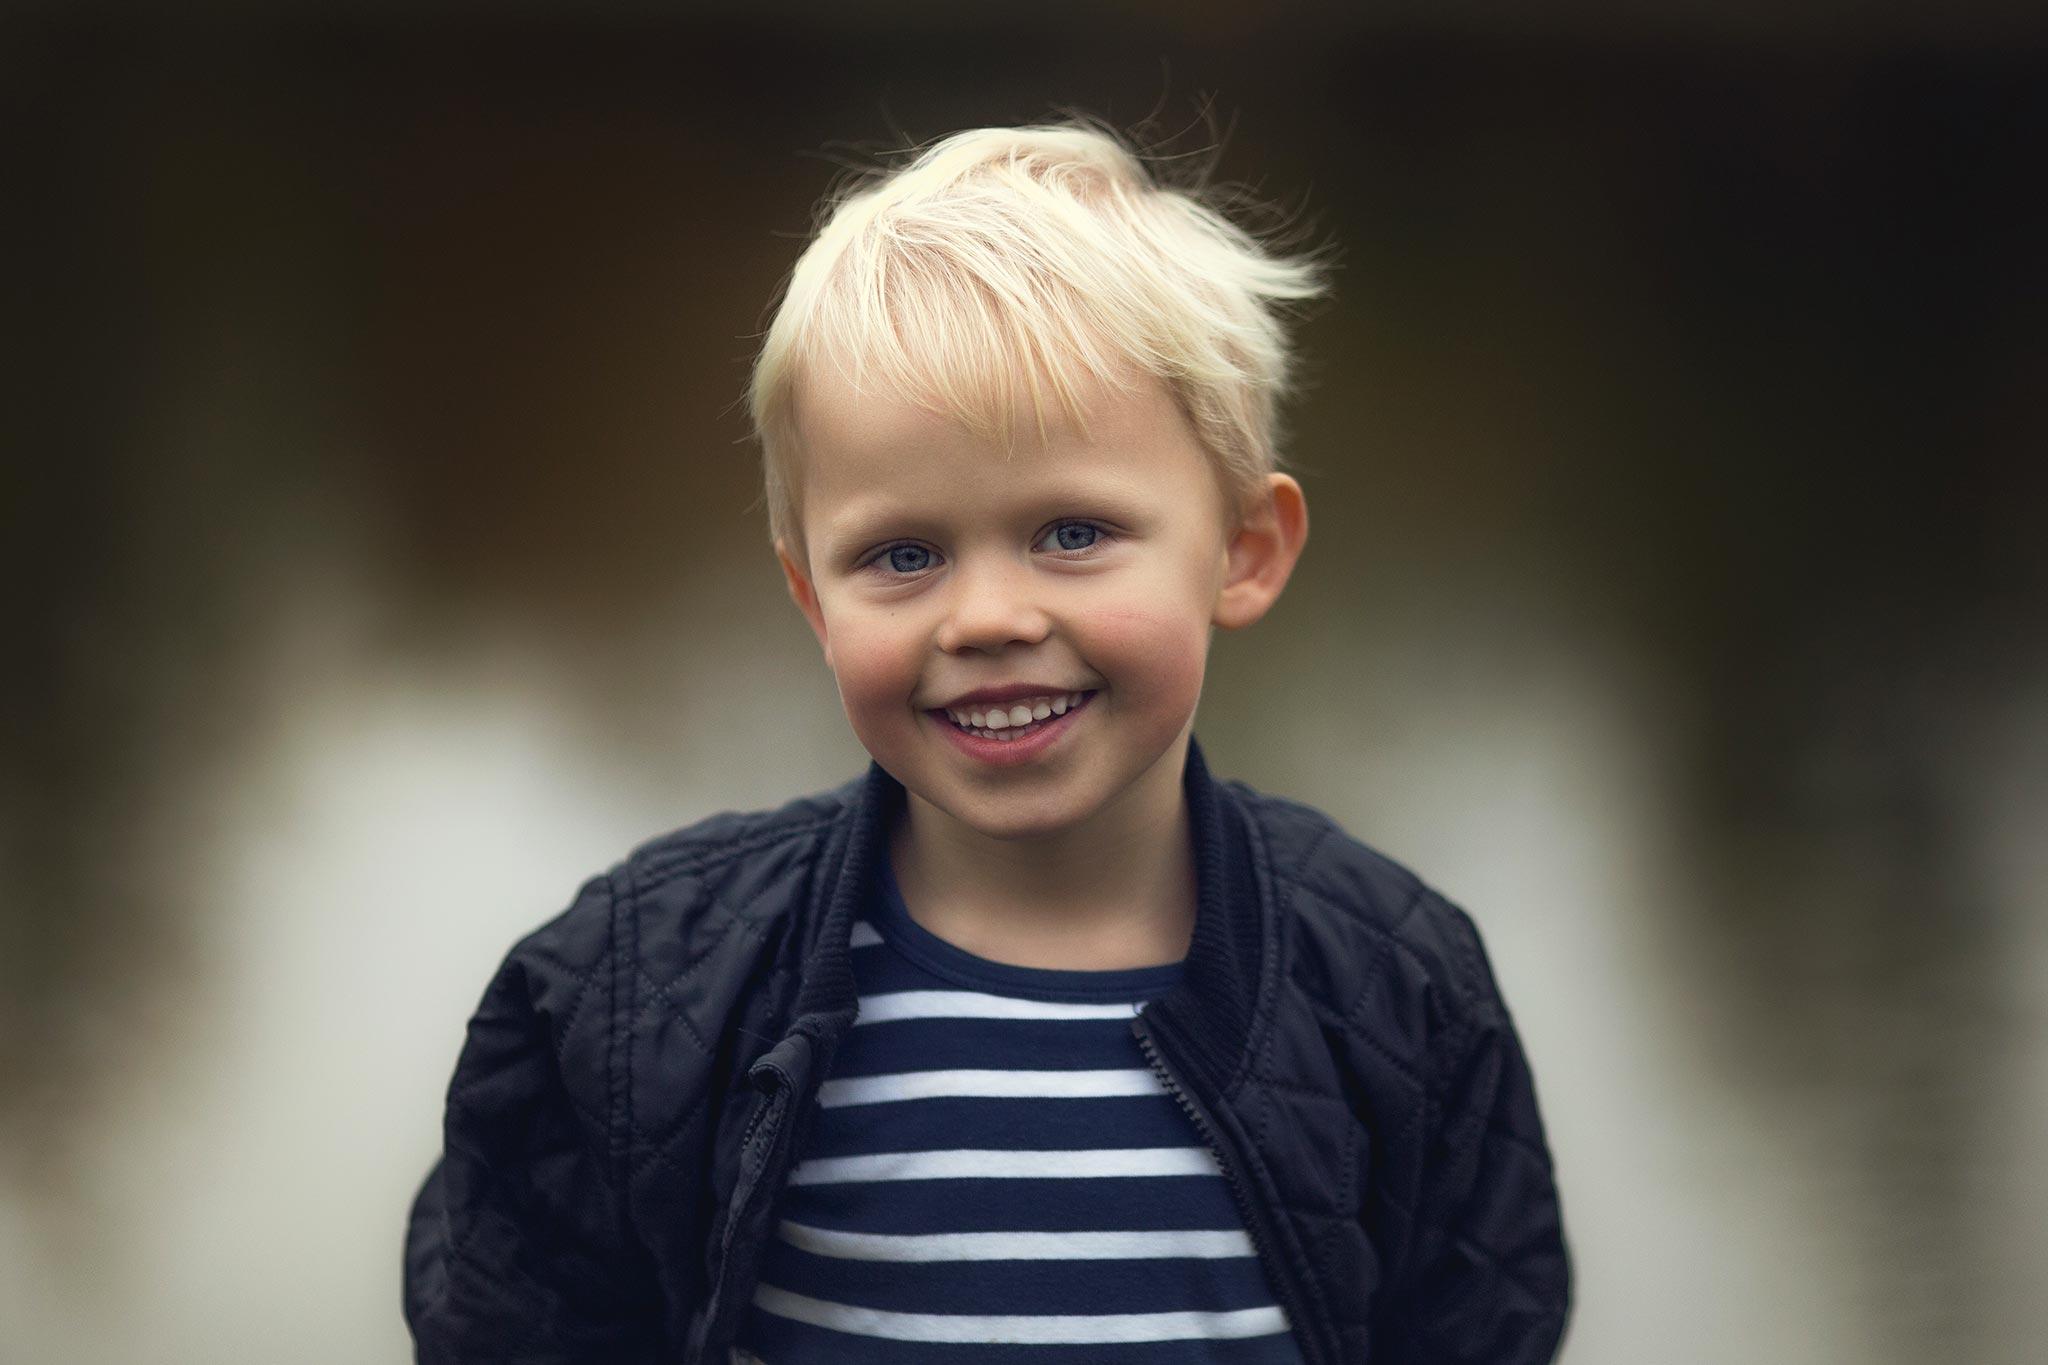 portræt af børn